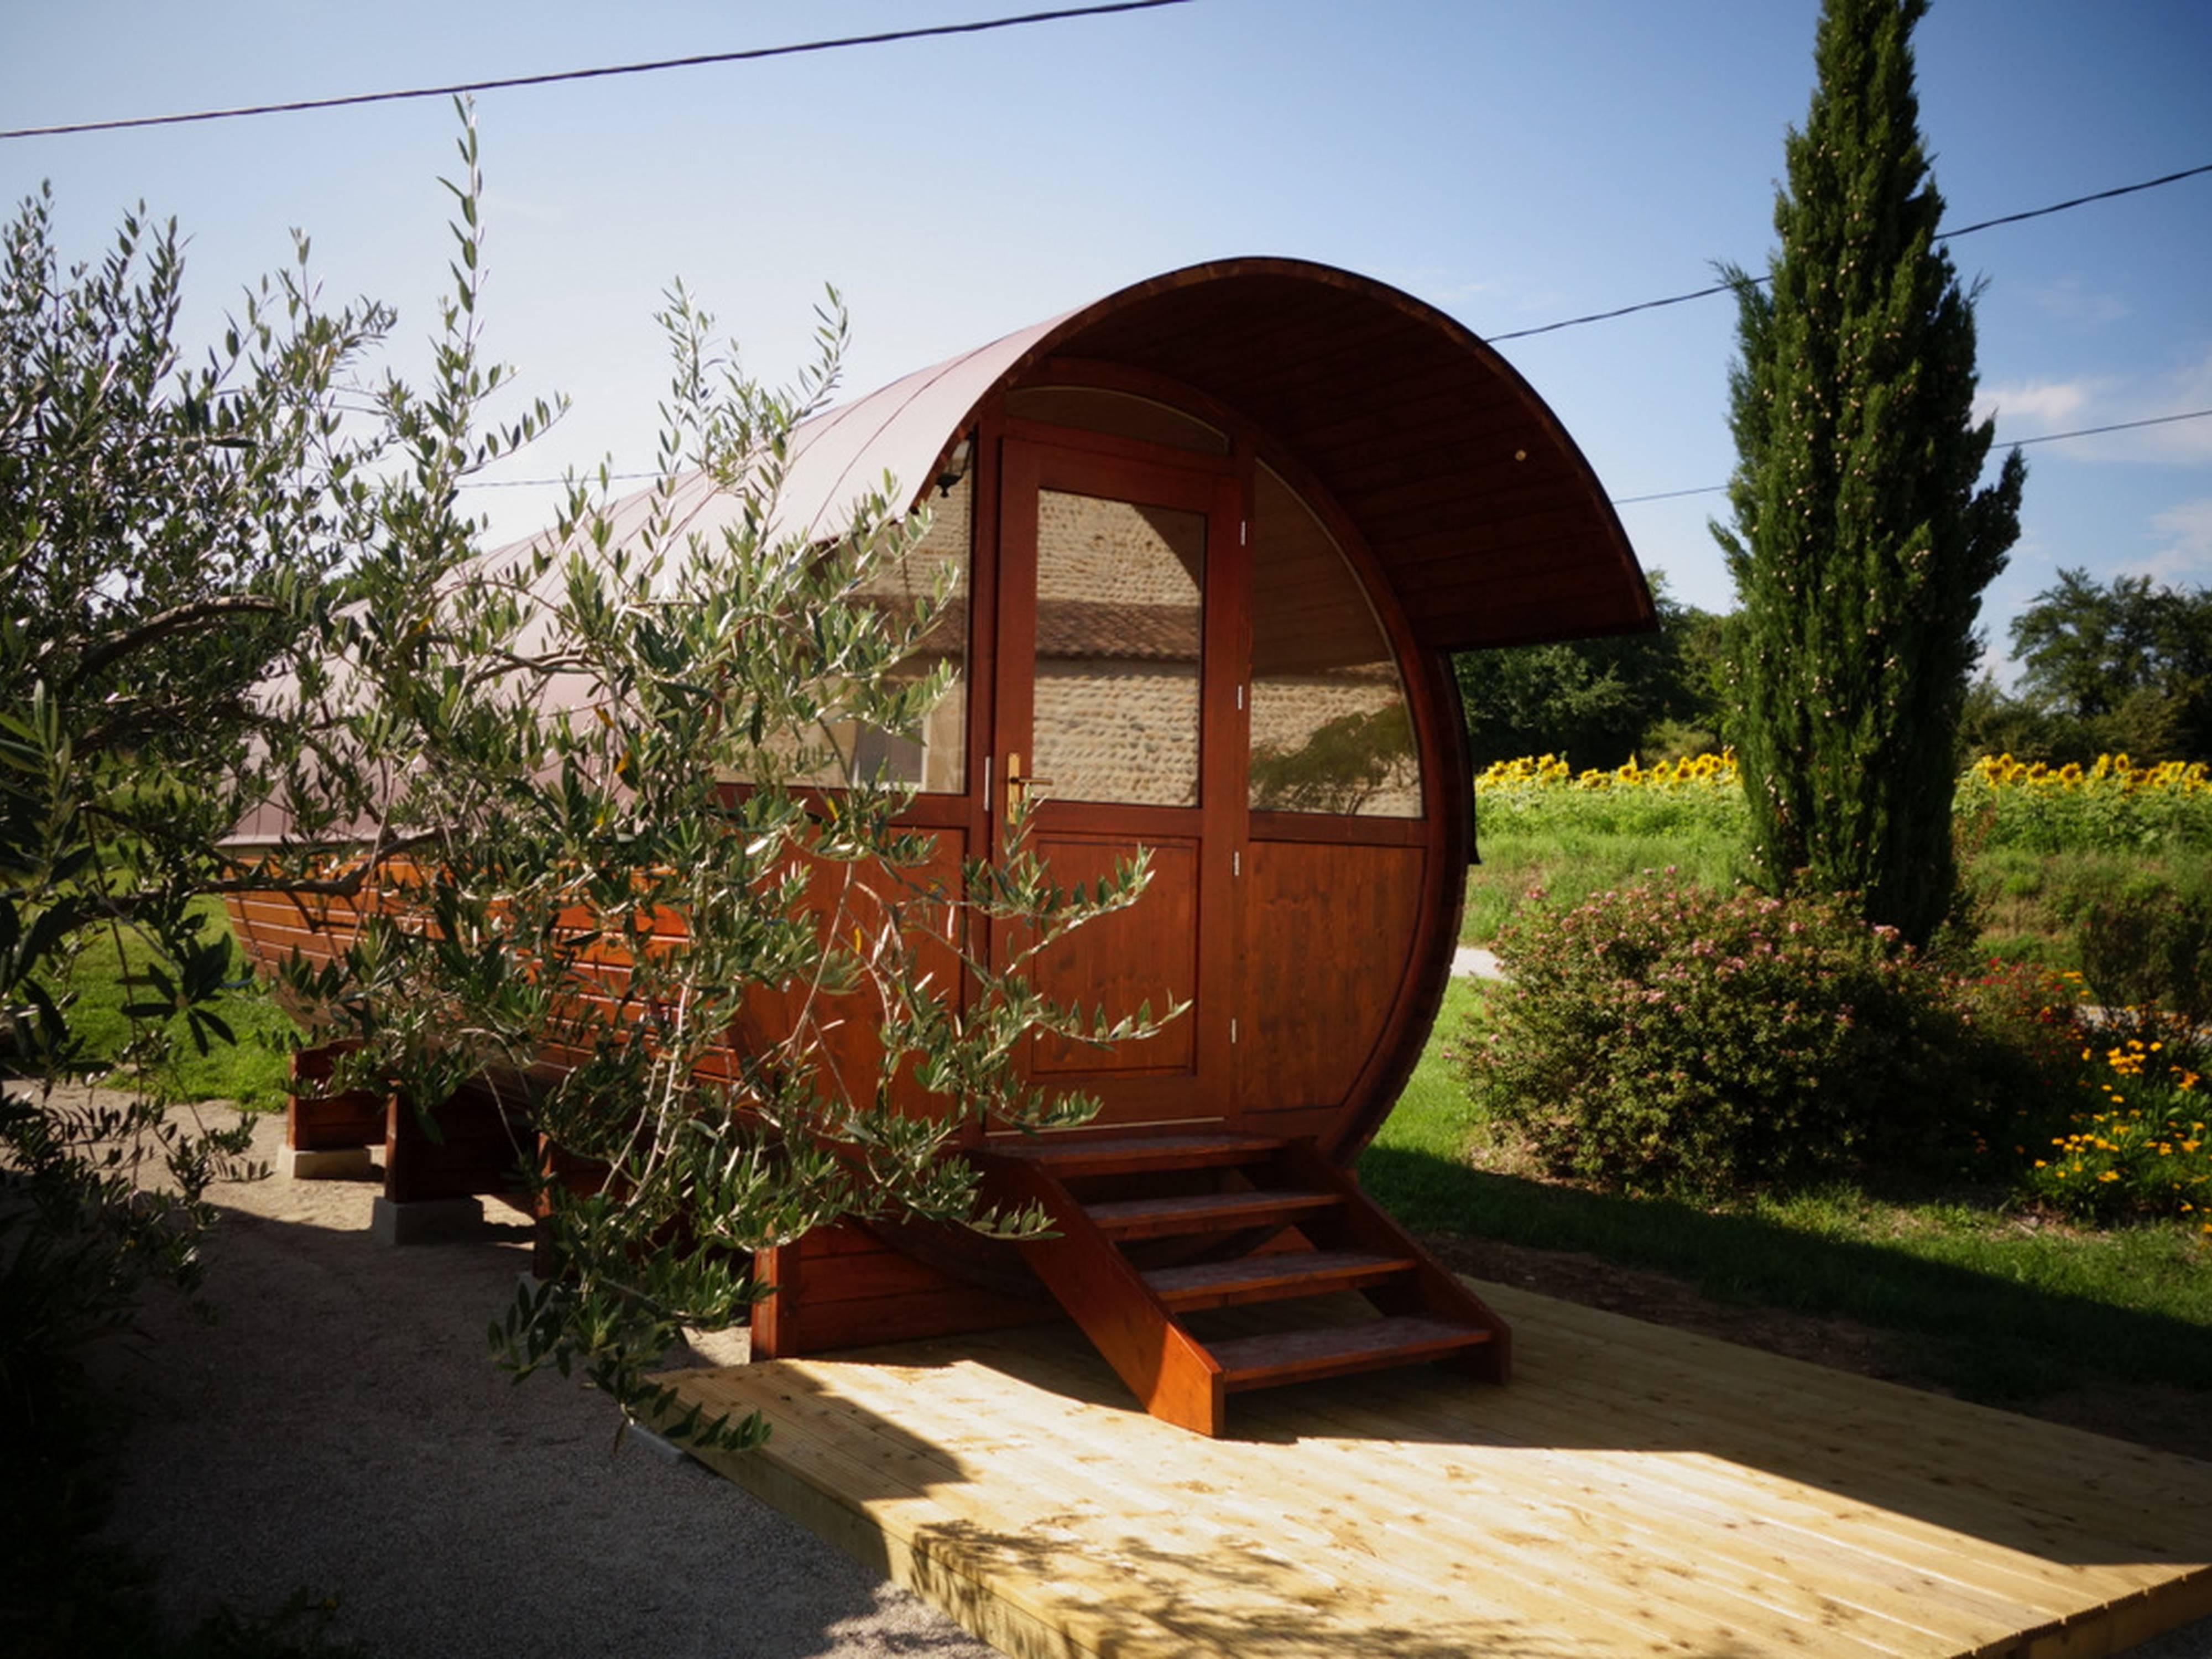 Dormir dans un tonneau en Drôme